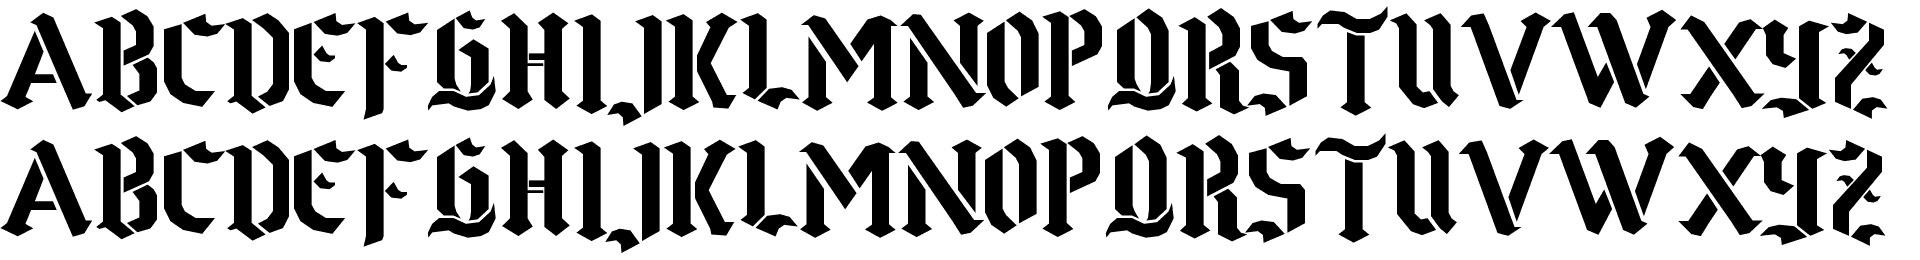 Goth Stencil